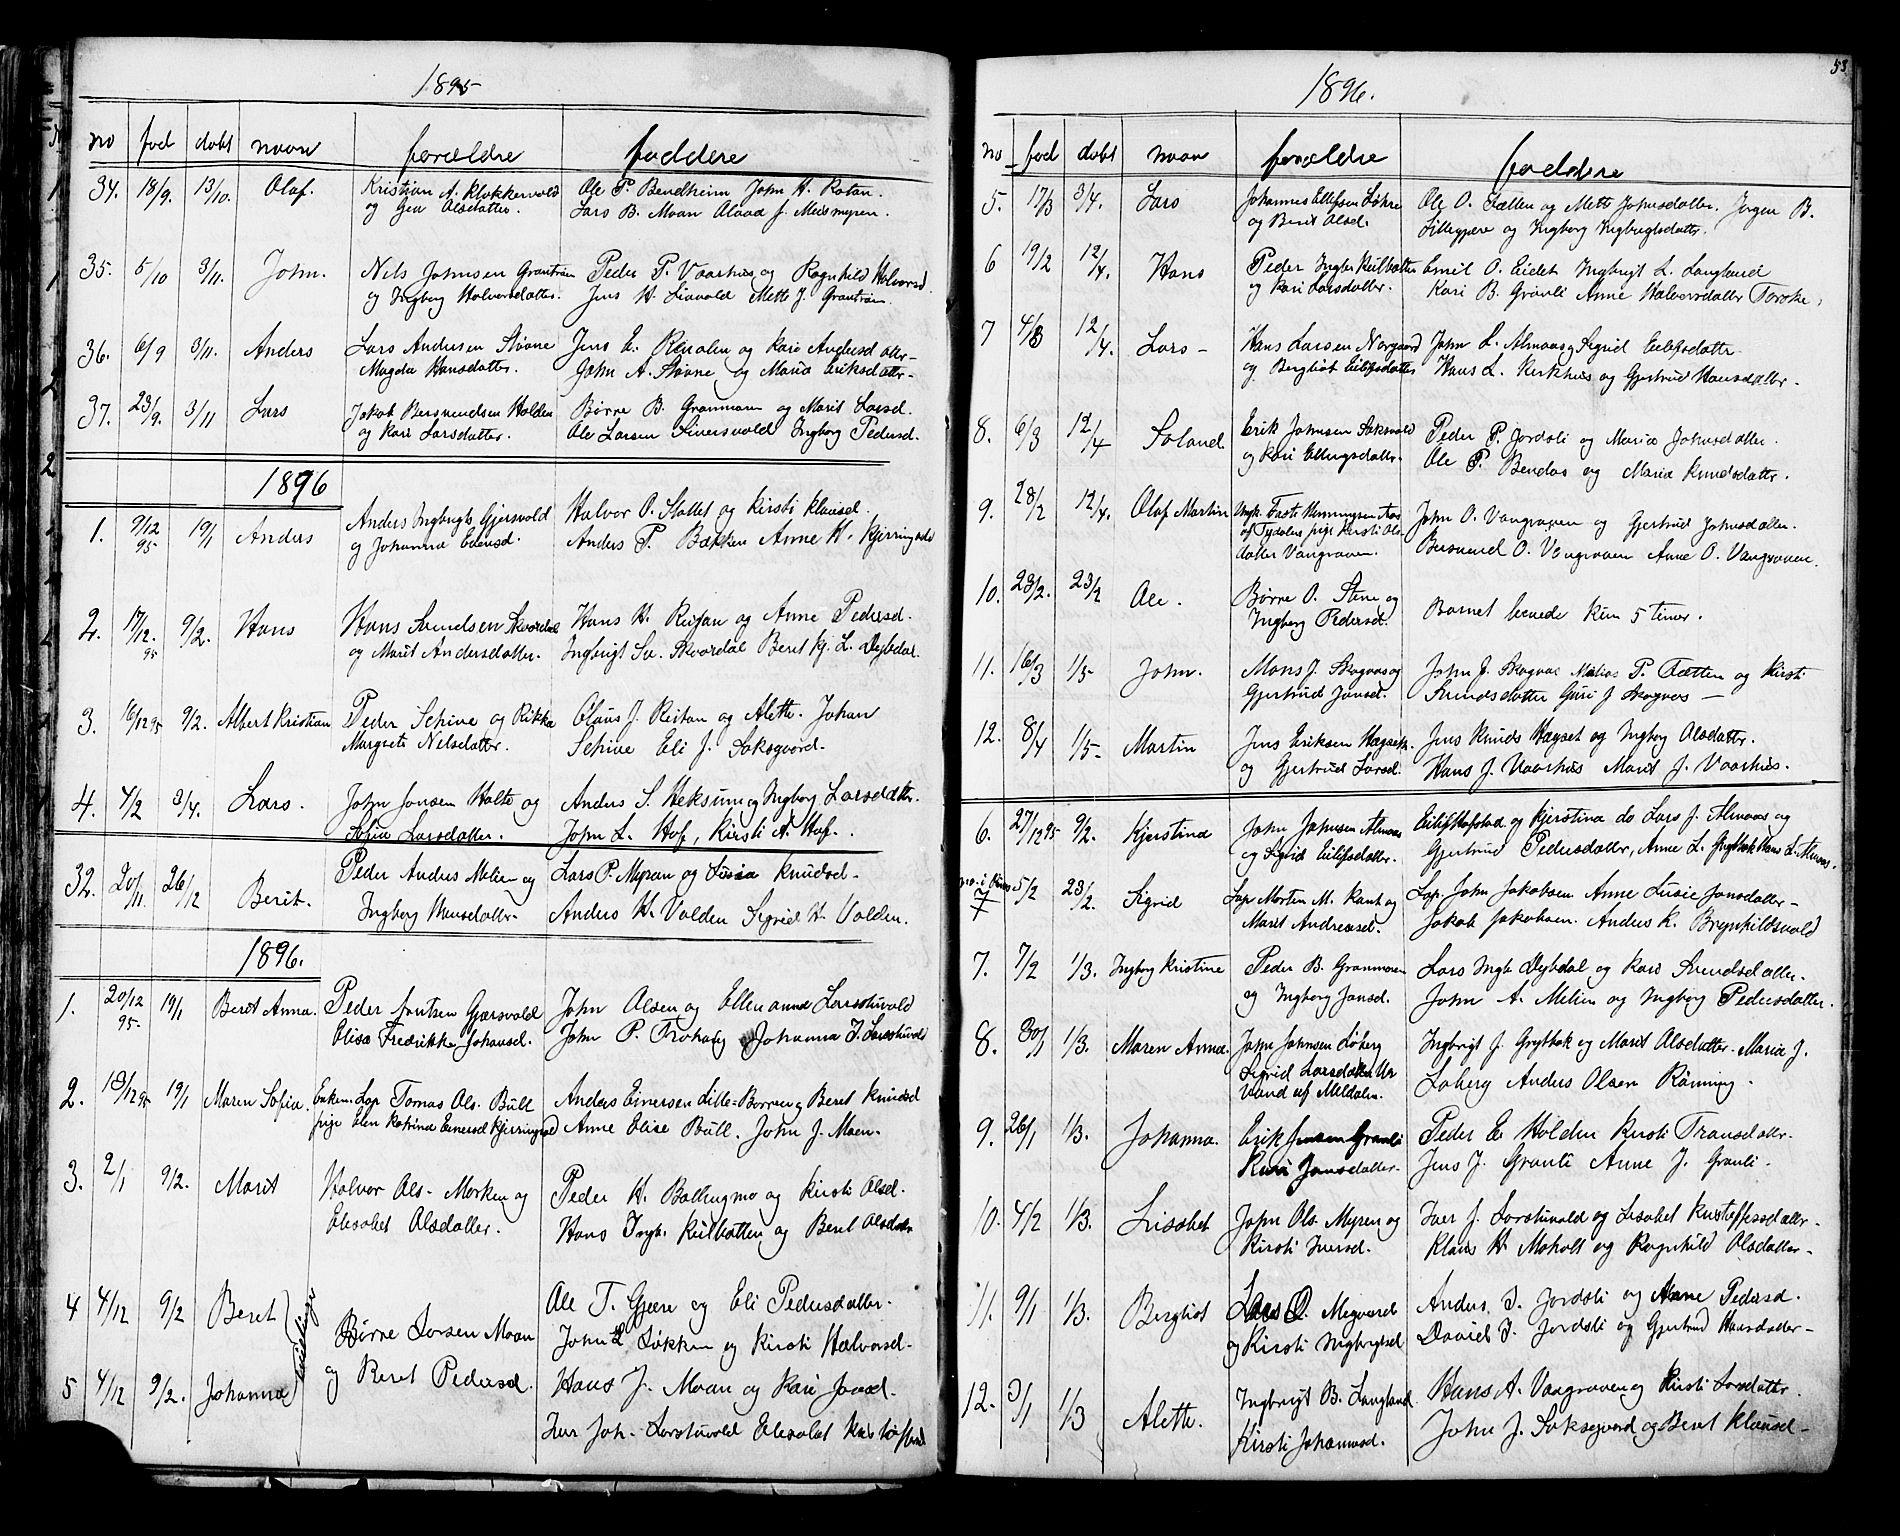 SAT, Ministerialprotokoller, klokkerbøker og fødselsregistre - Sør-Trøndelag, 686/L0985: Klokkerbok nr. 686C01, 1871-1933, s. 53